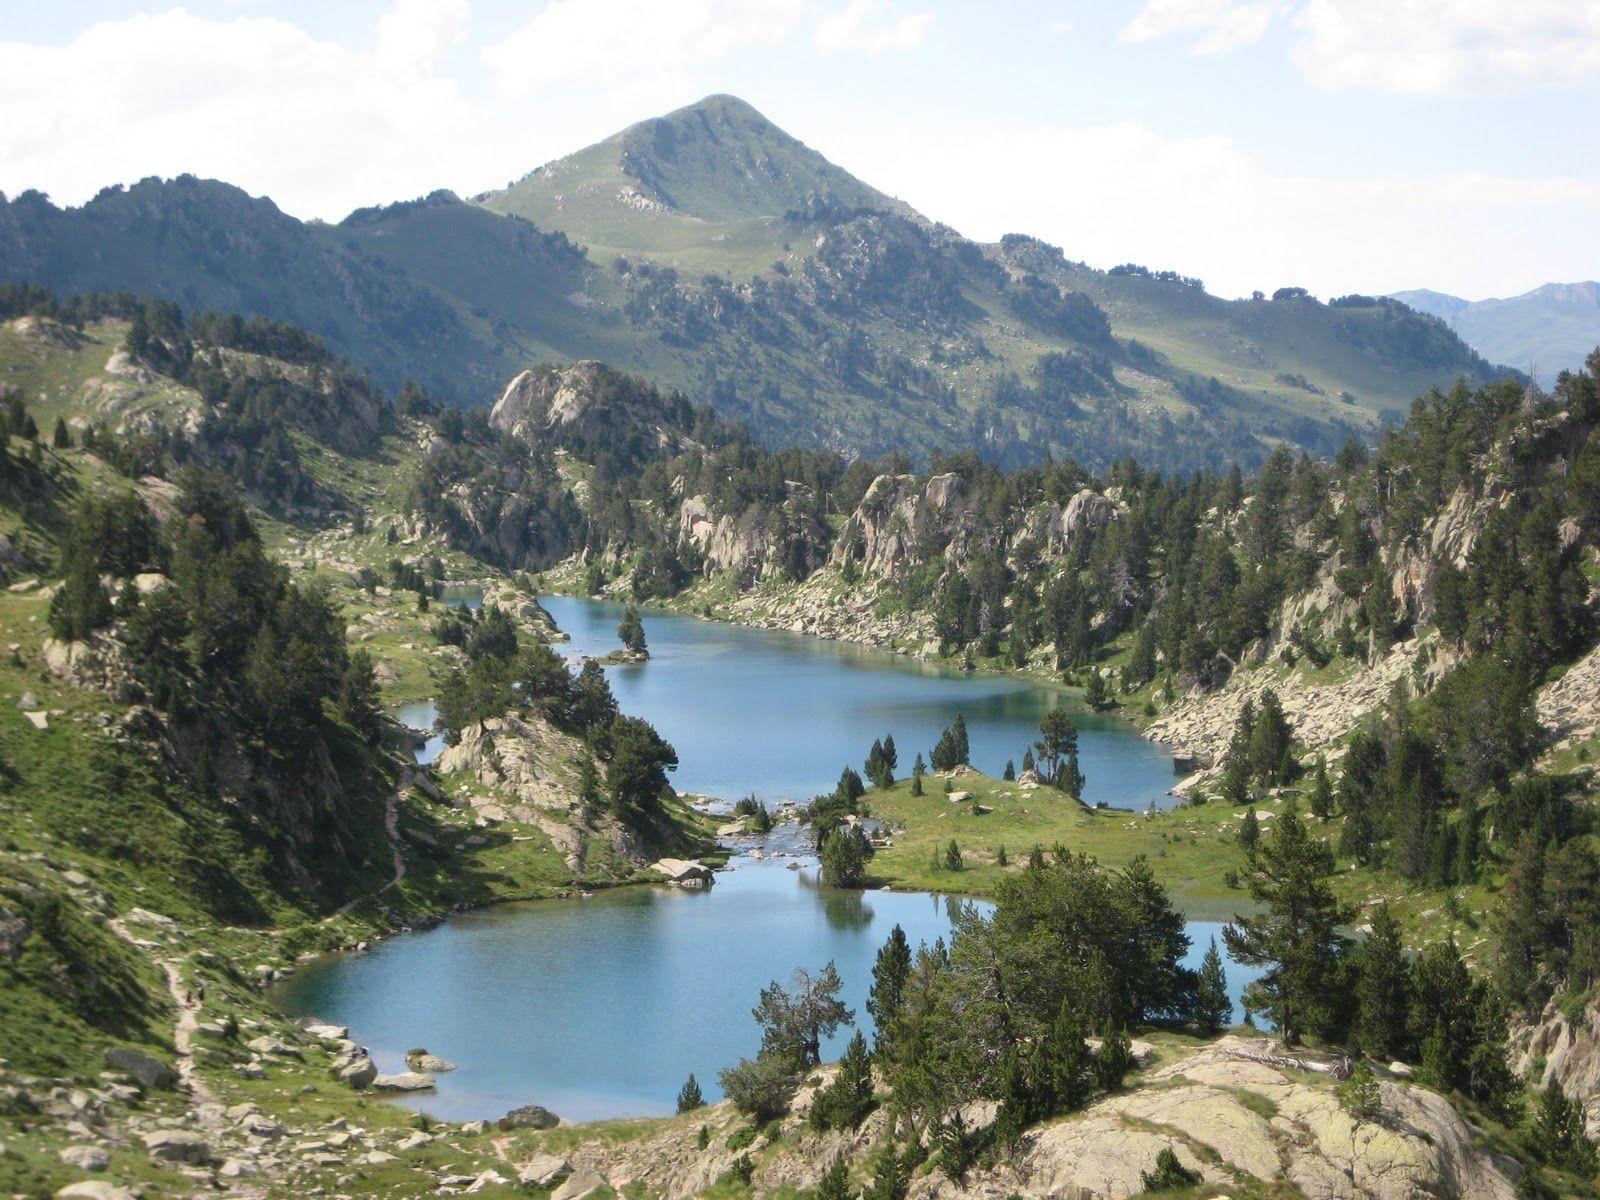 Valle de aran espa a landscape nature paisajes y - Inmobiliarias valle de aran ...